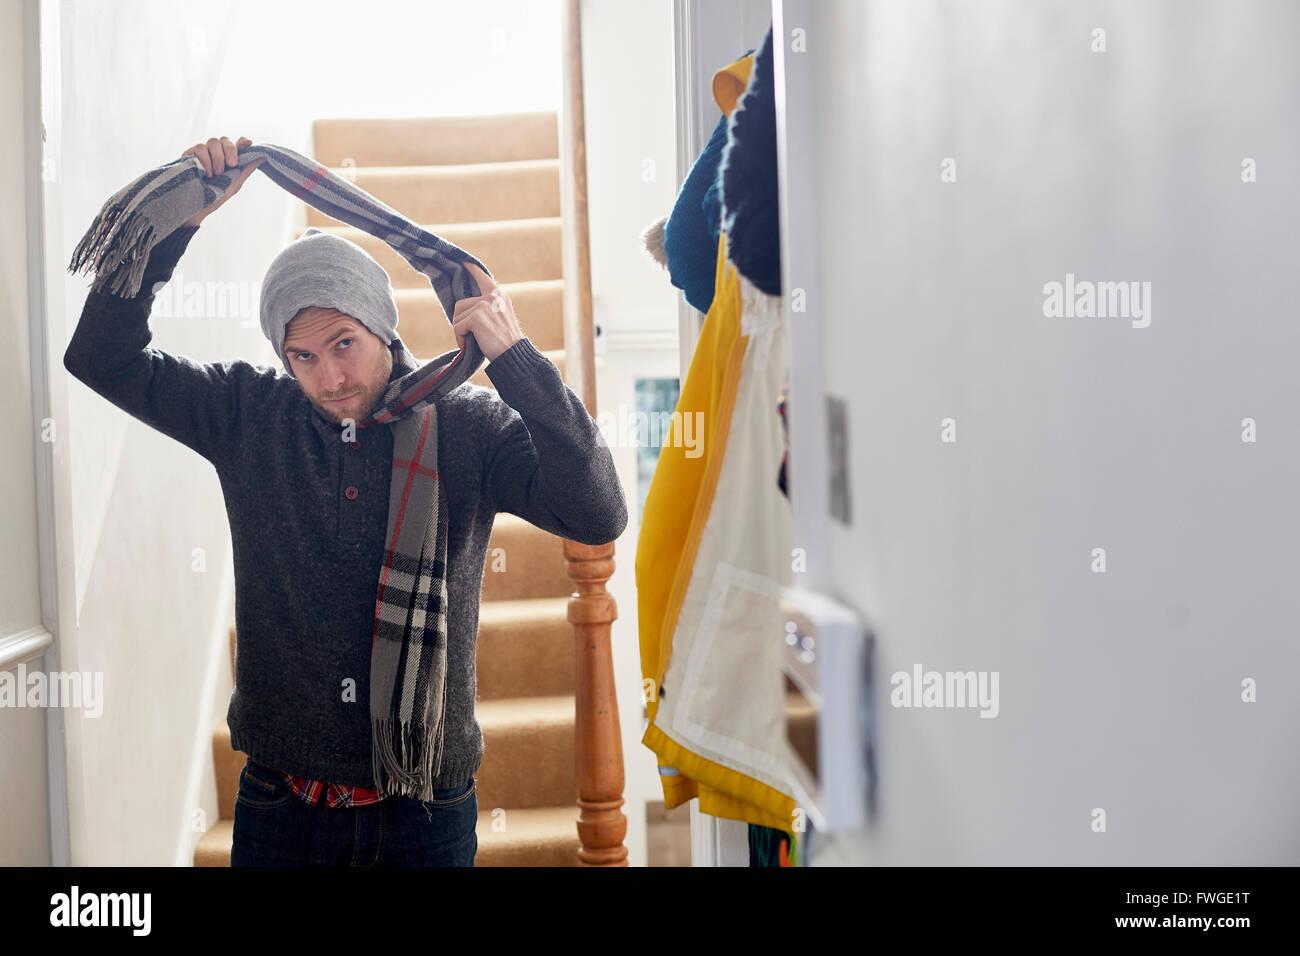 Un uomo in un cappotto invernale, cappello e sciarpa che arrivano a casa prendendo la sciarpa off. Foto Stock